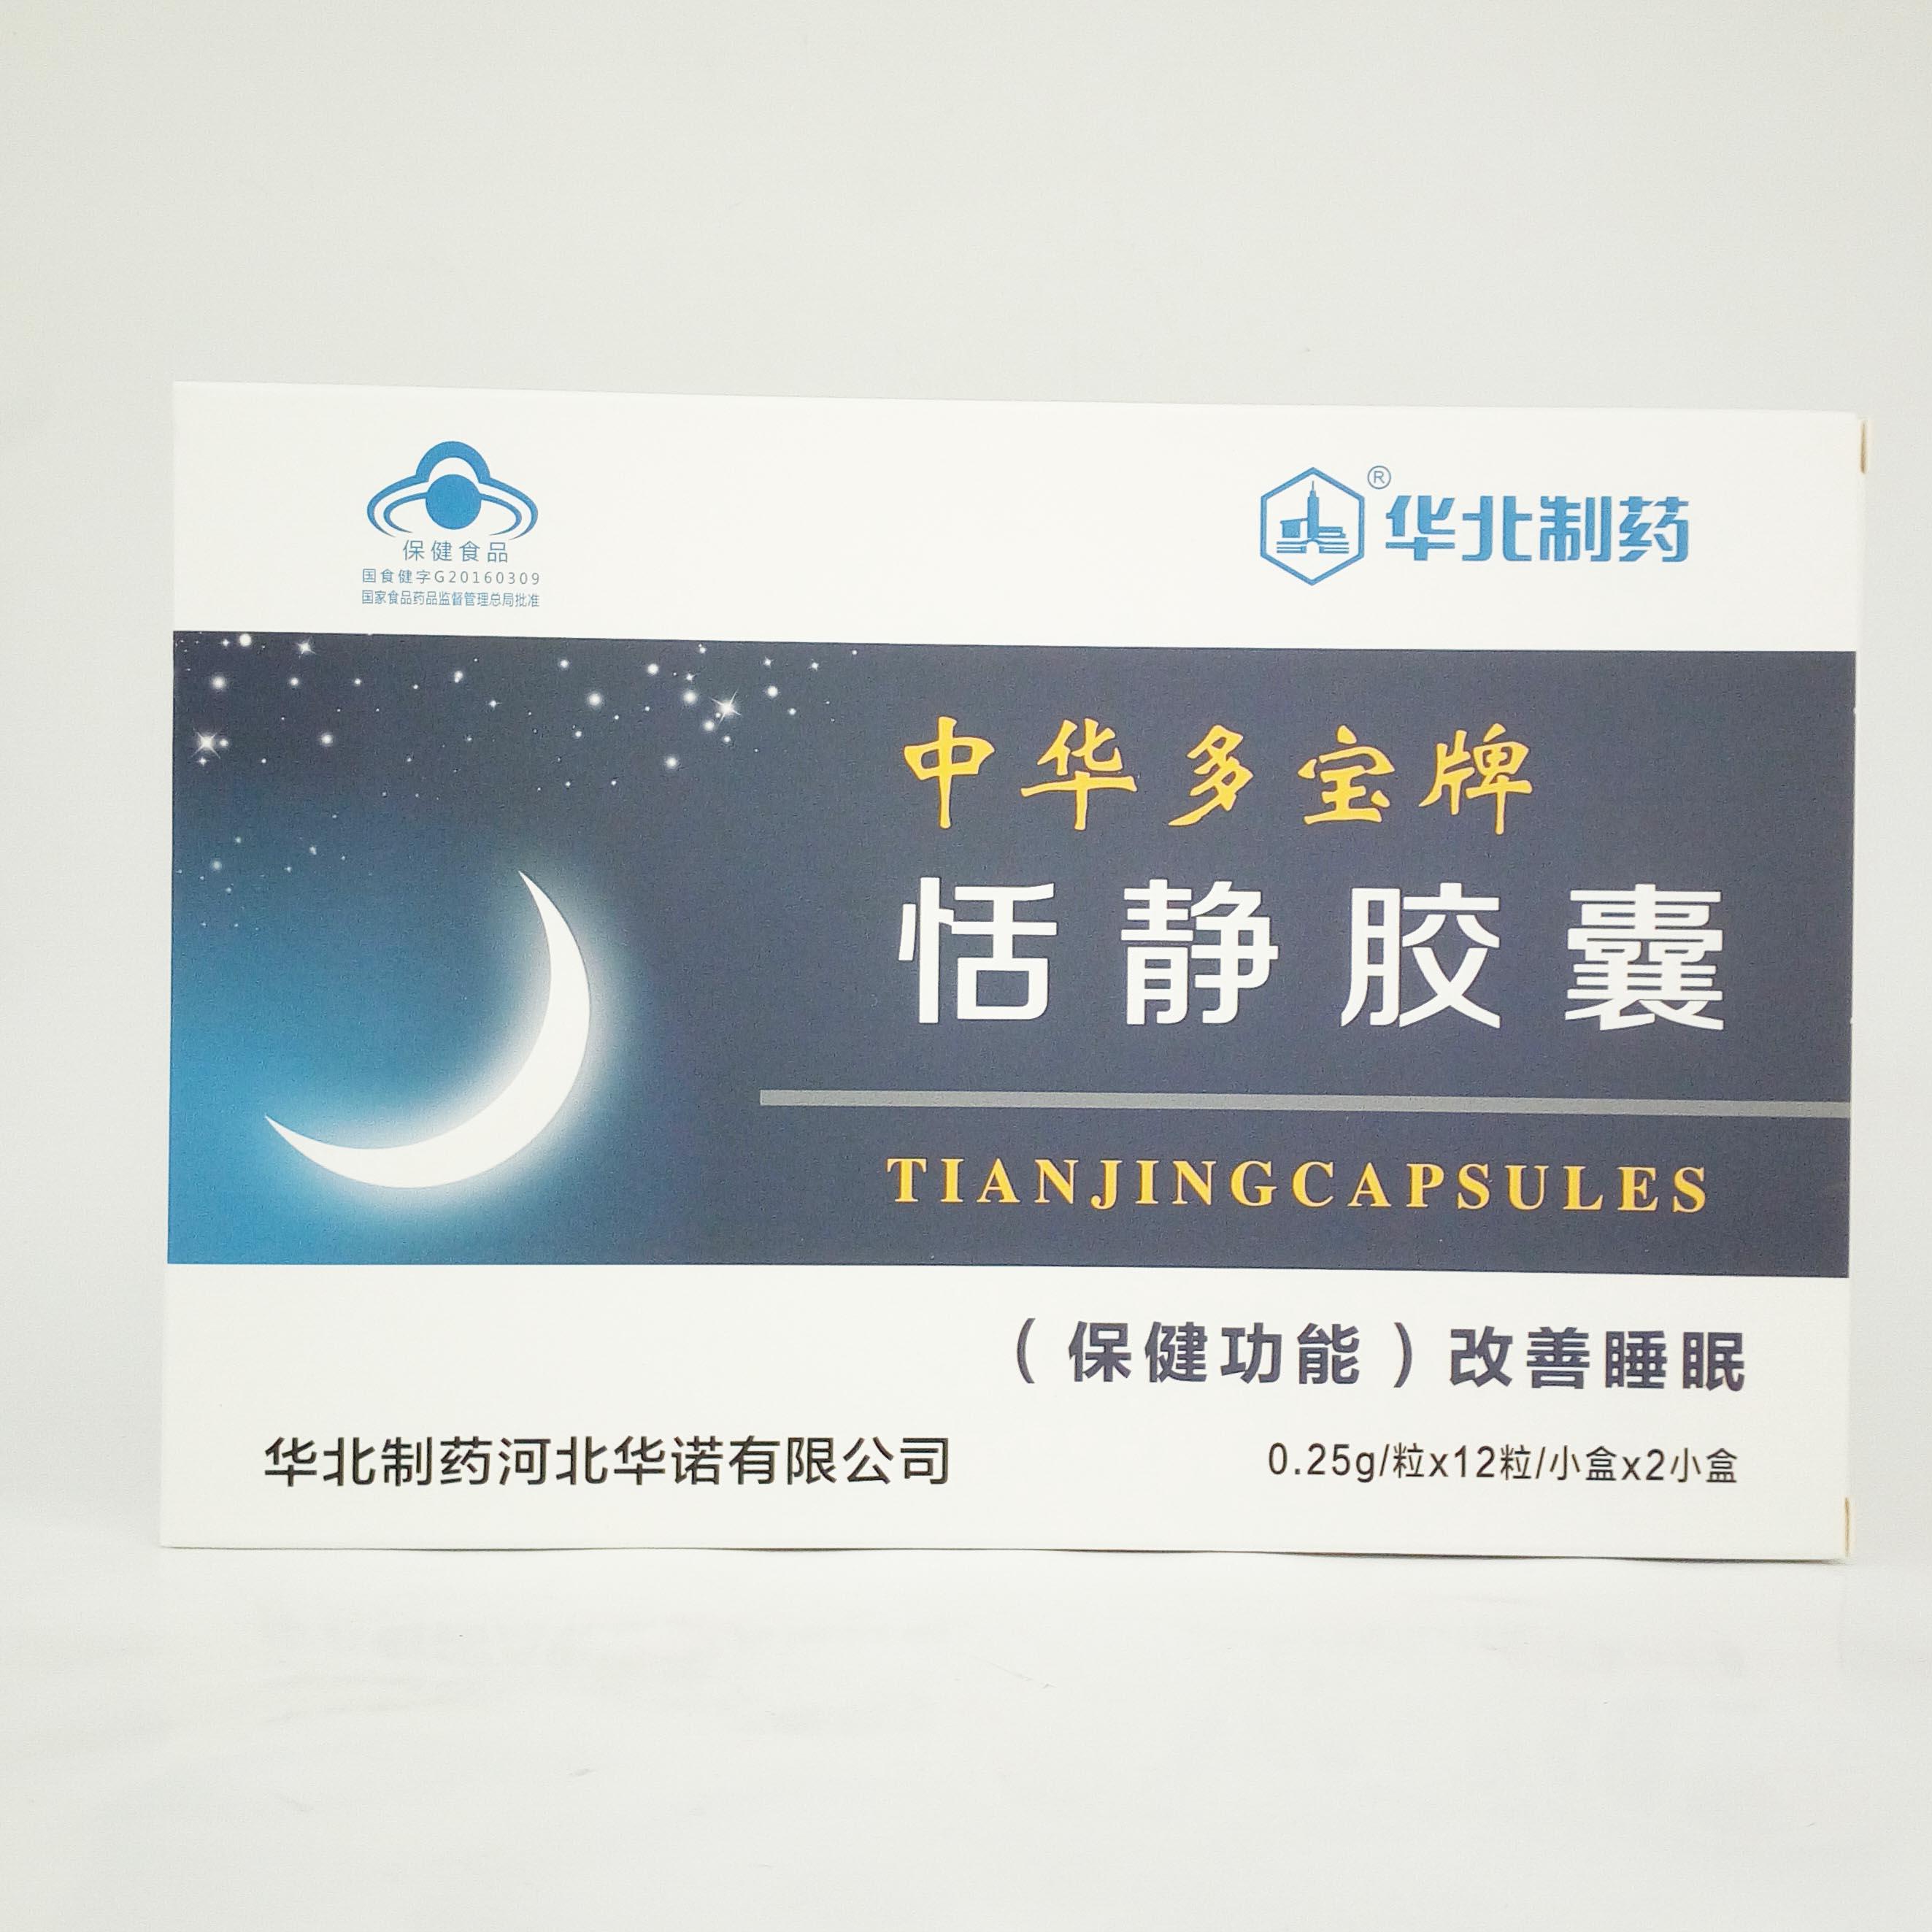 華北制藥中華多寶牌恬靜膠囊